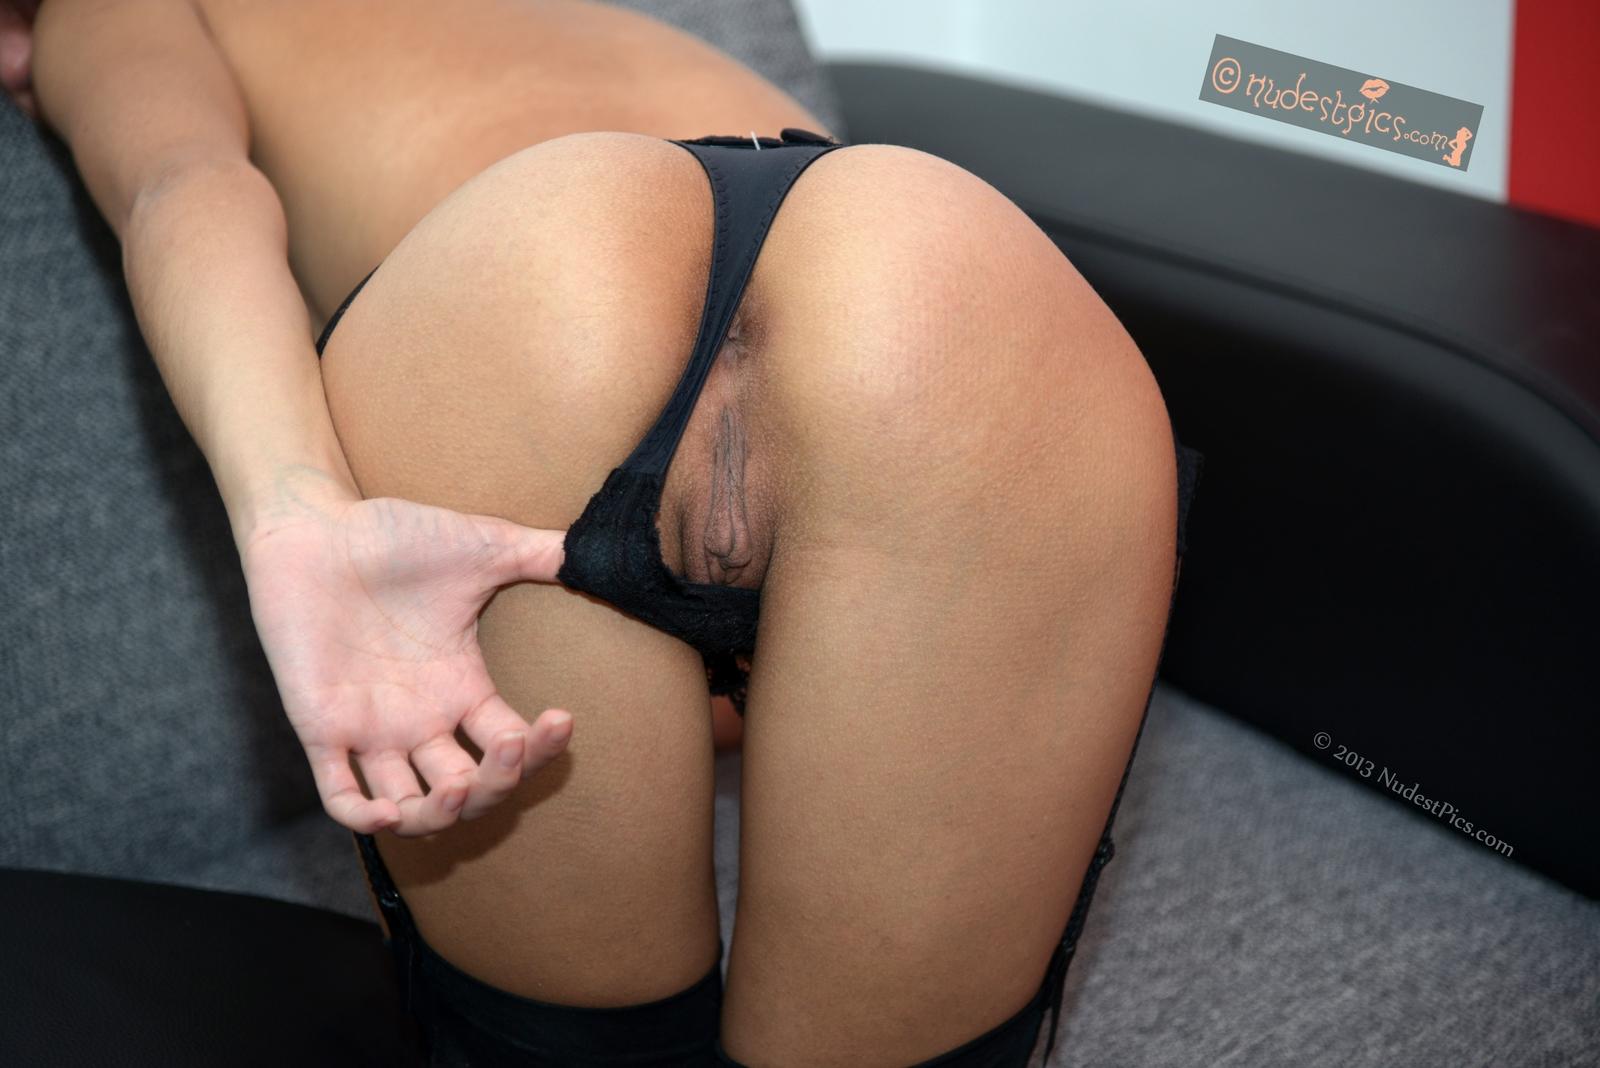 Sheer panties pics